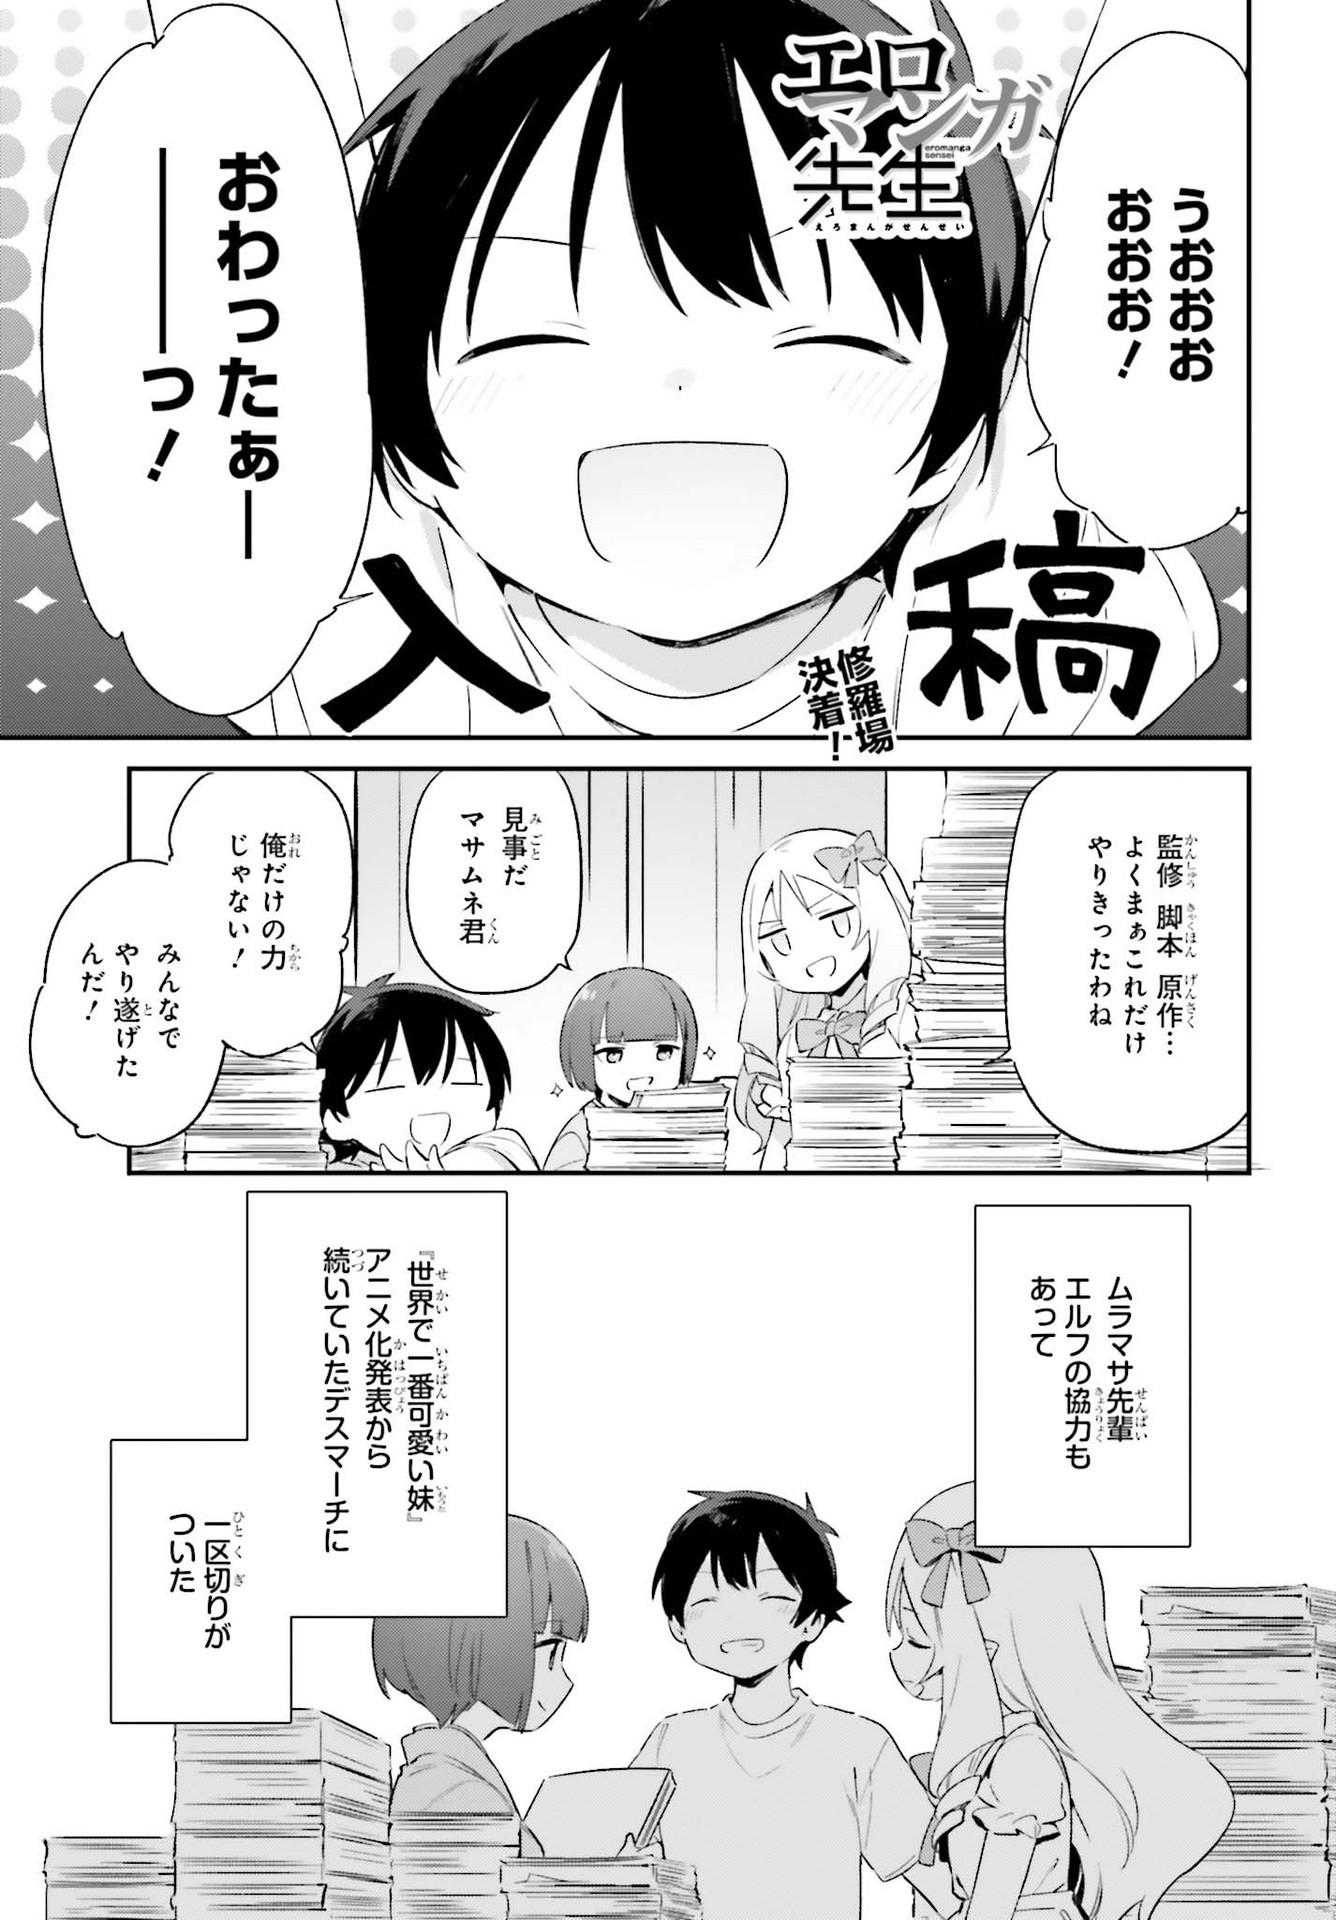 Ero Manga Sensei - Chapter 77 - Page 1